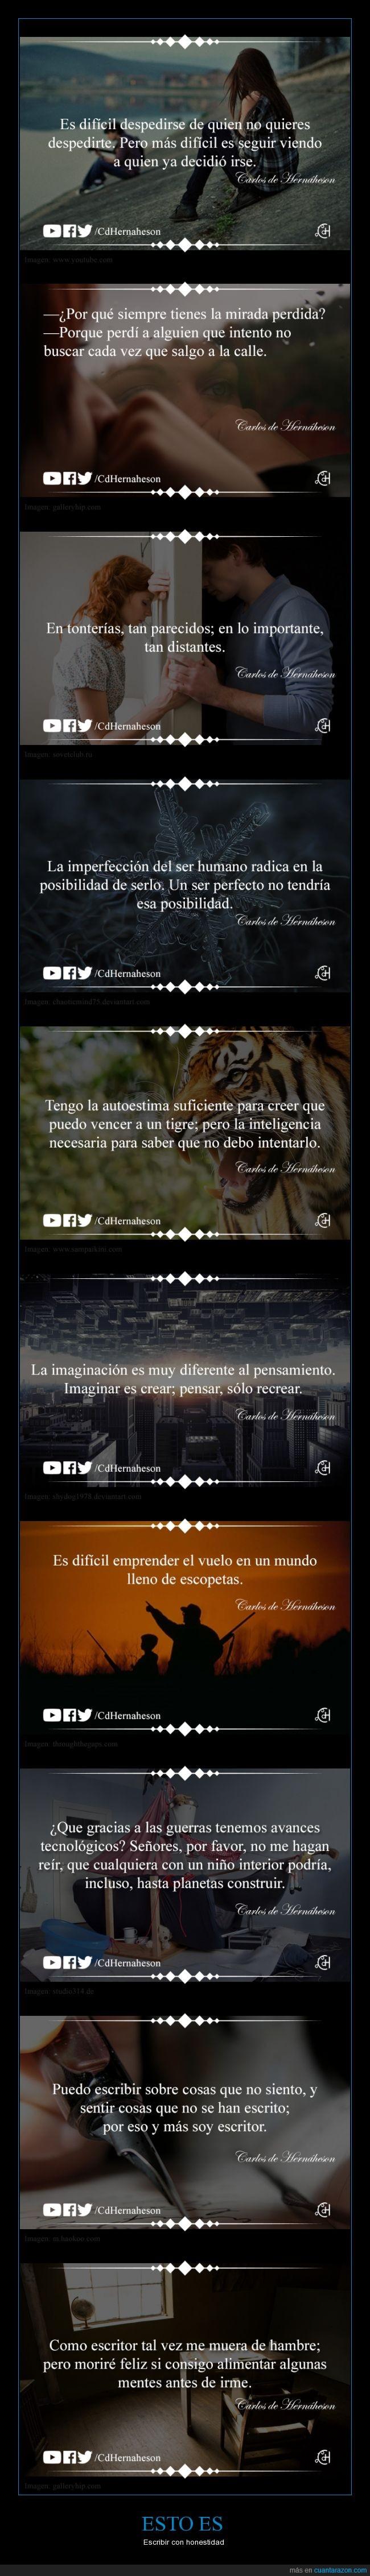 esto_es